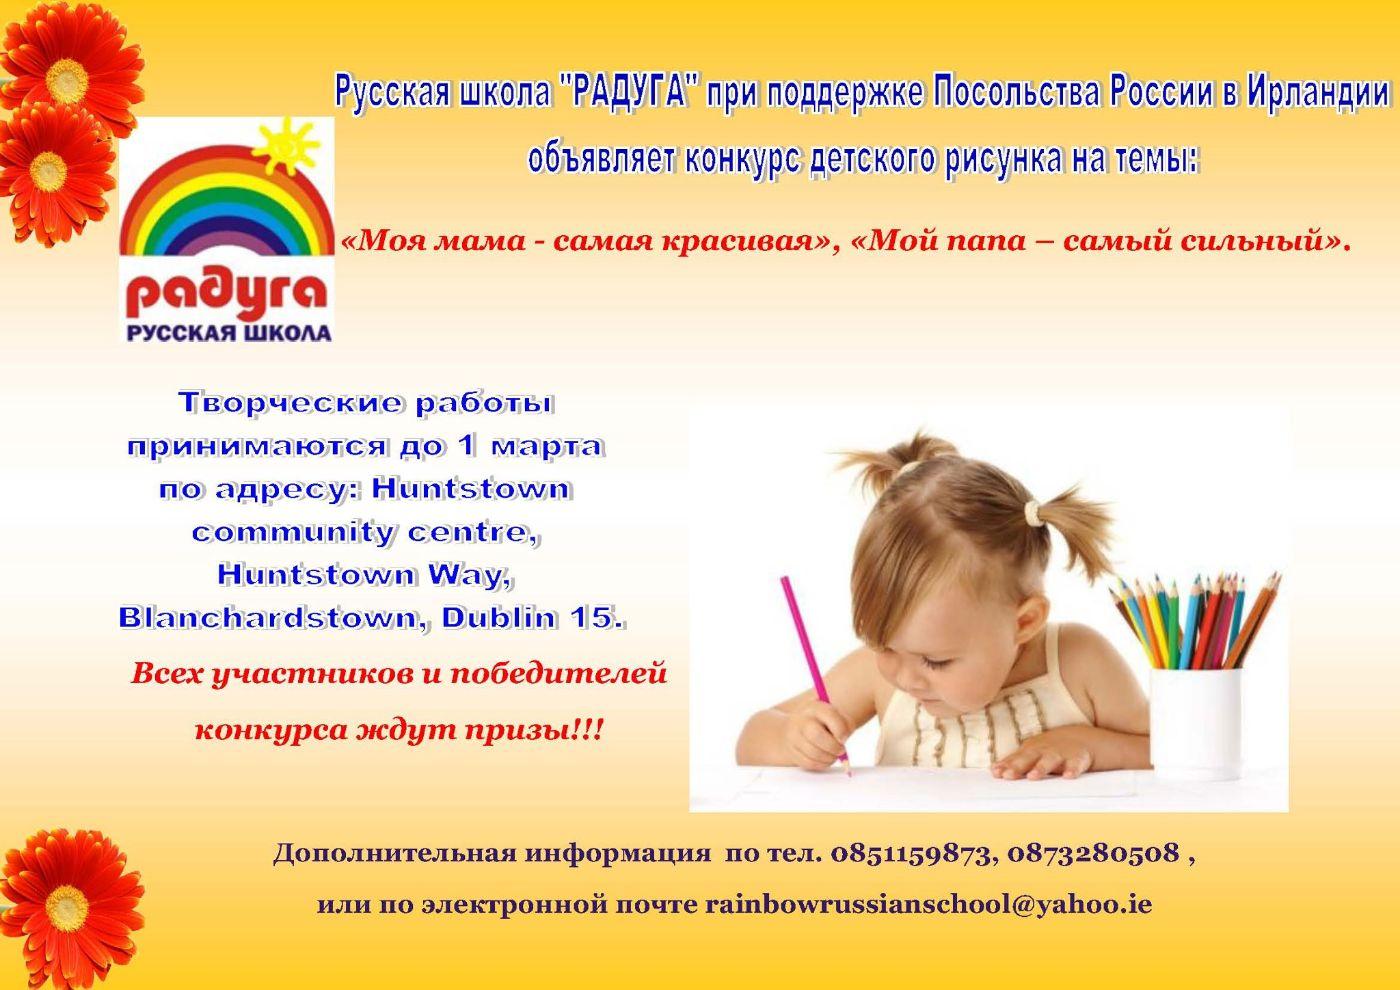 Русская школа Радуга при поддержке посольства России в Ирландии объявляет конкурс детского рисунка